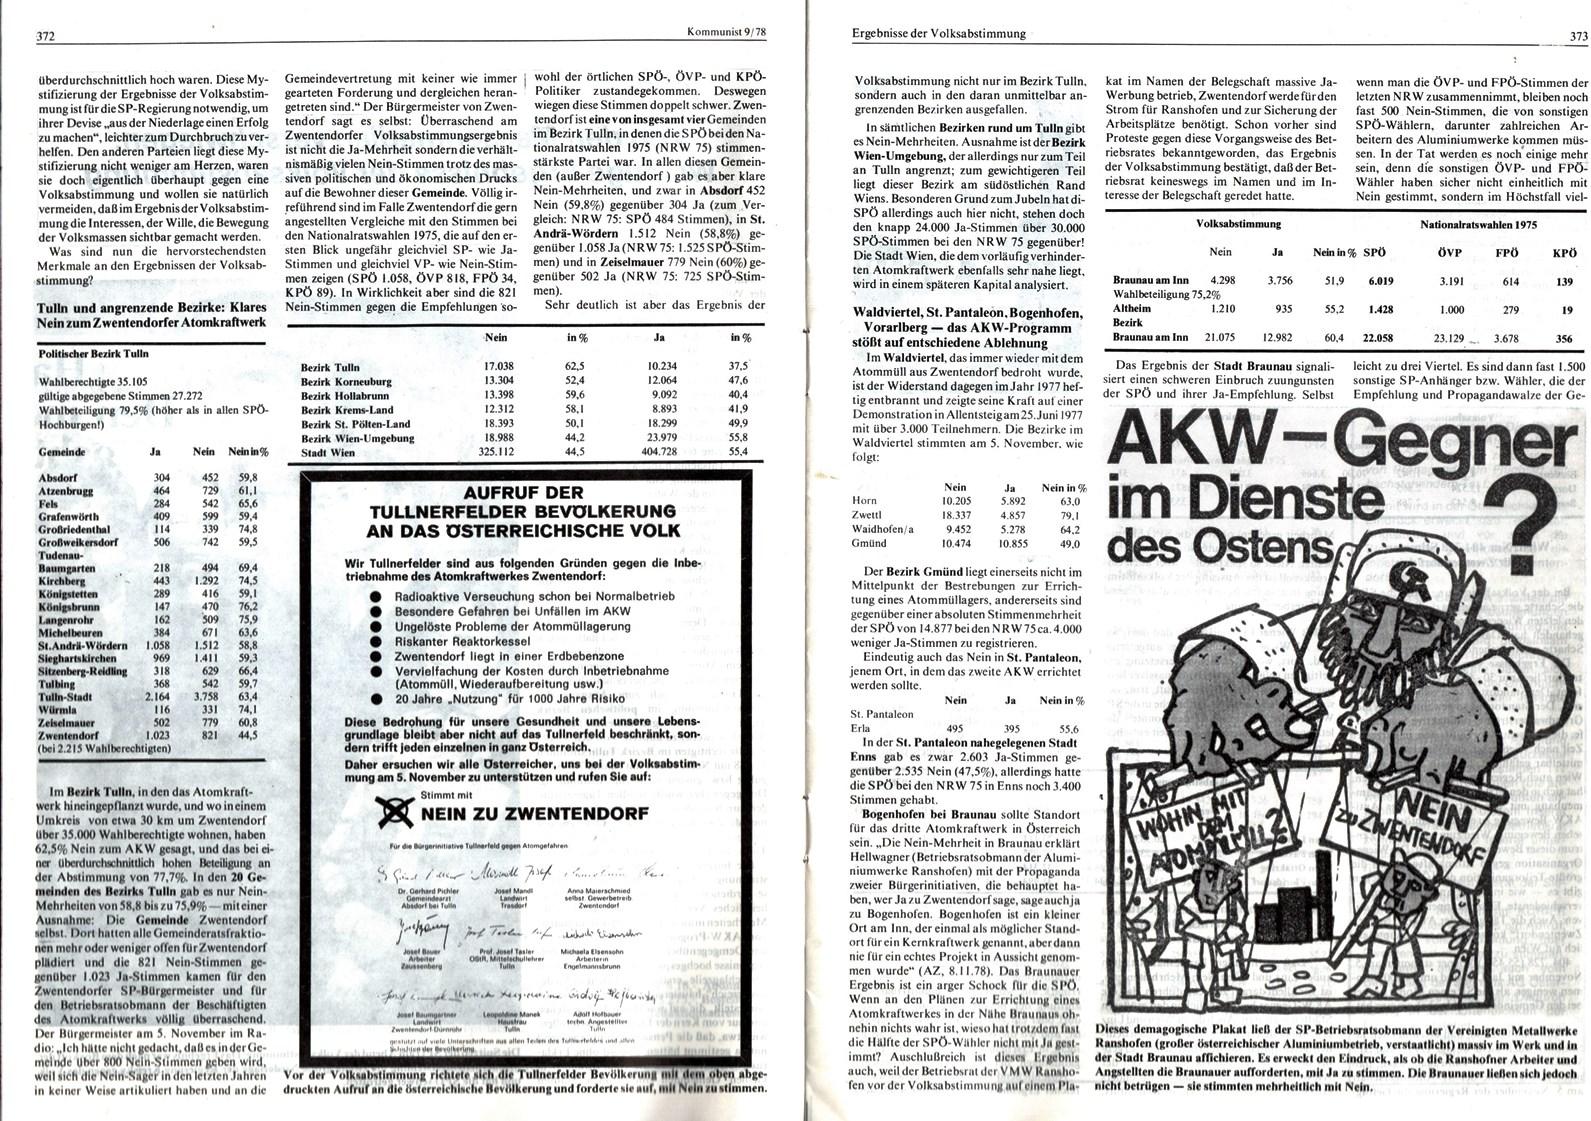 KBOe_TO_Kommunist_19781100_009_004